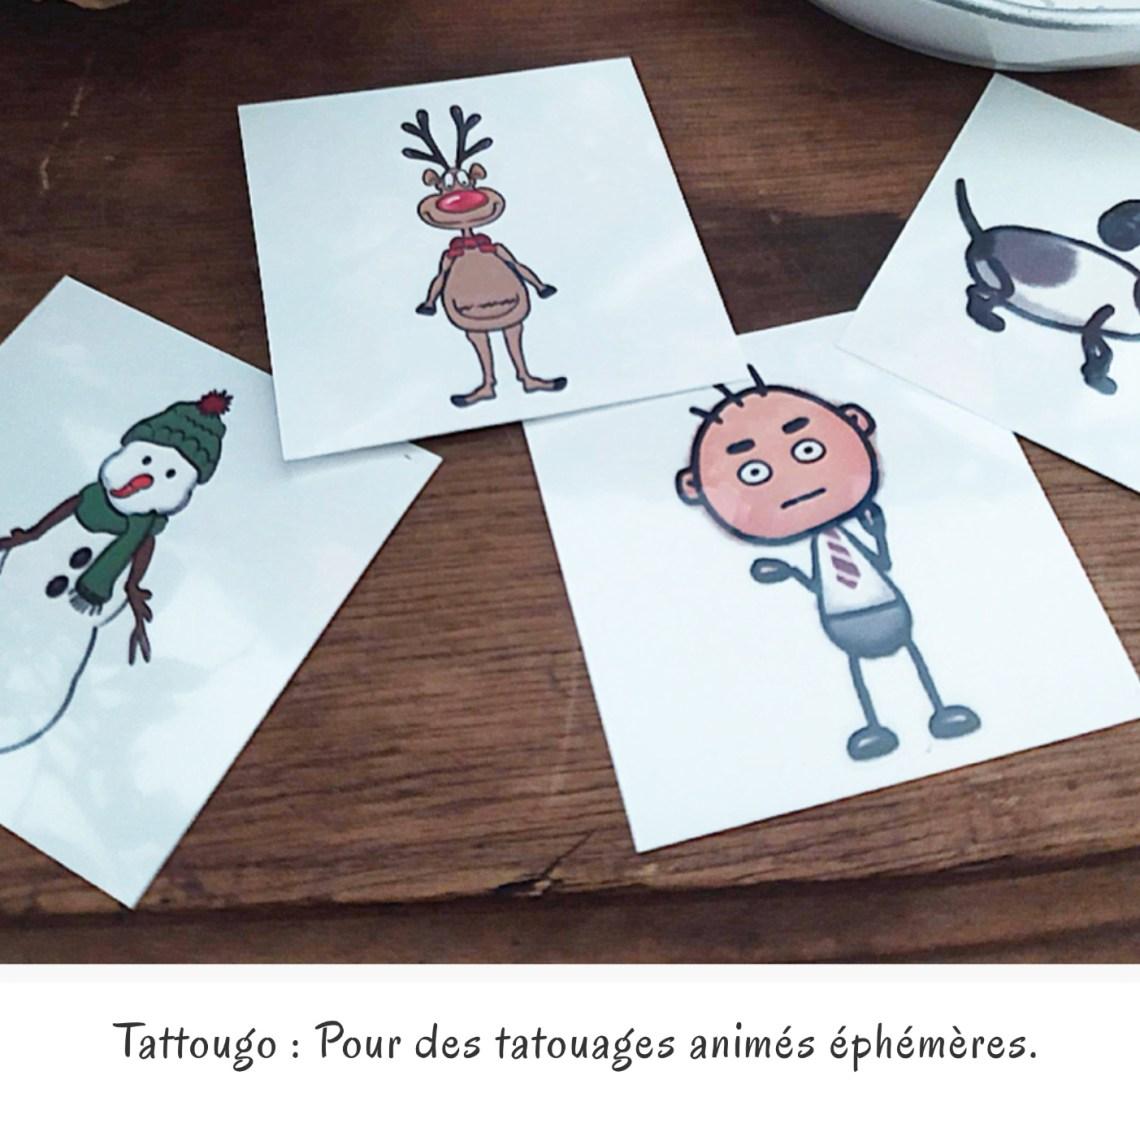 Tattougo : Pour des tatouages animés éphémères.